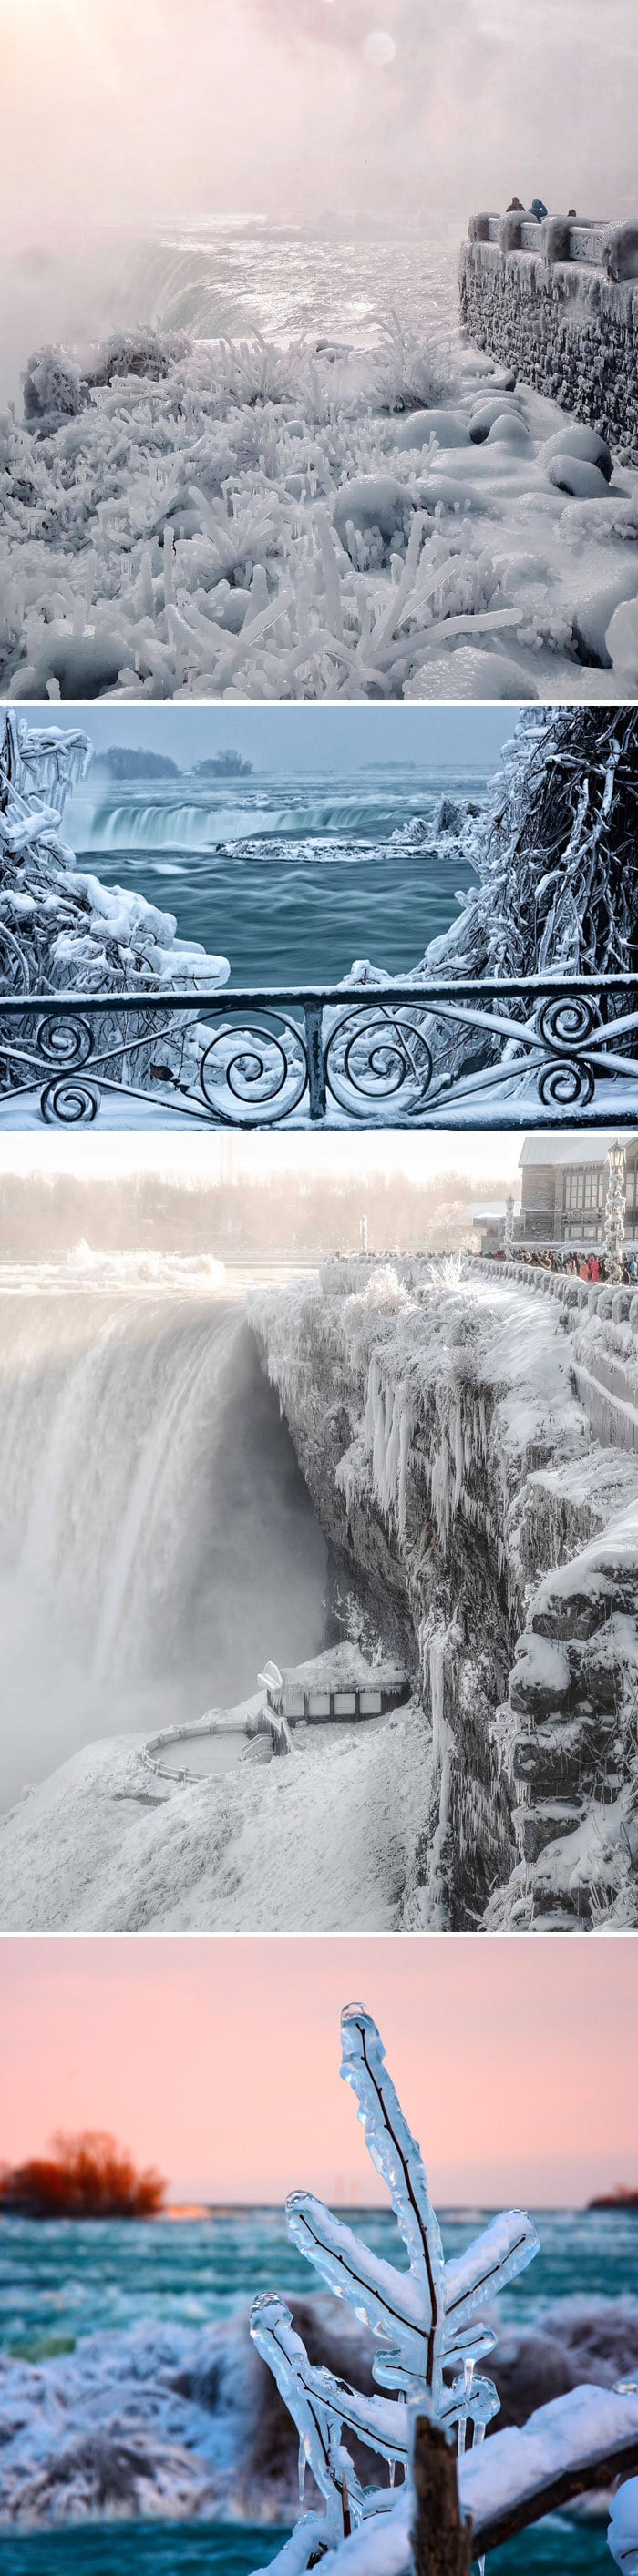 Niagara Falls Is Frozen